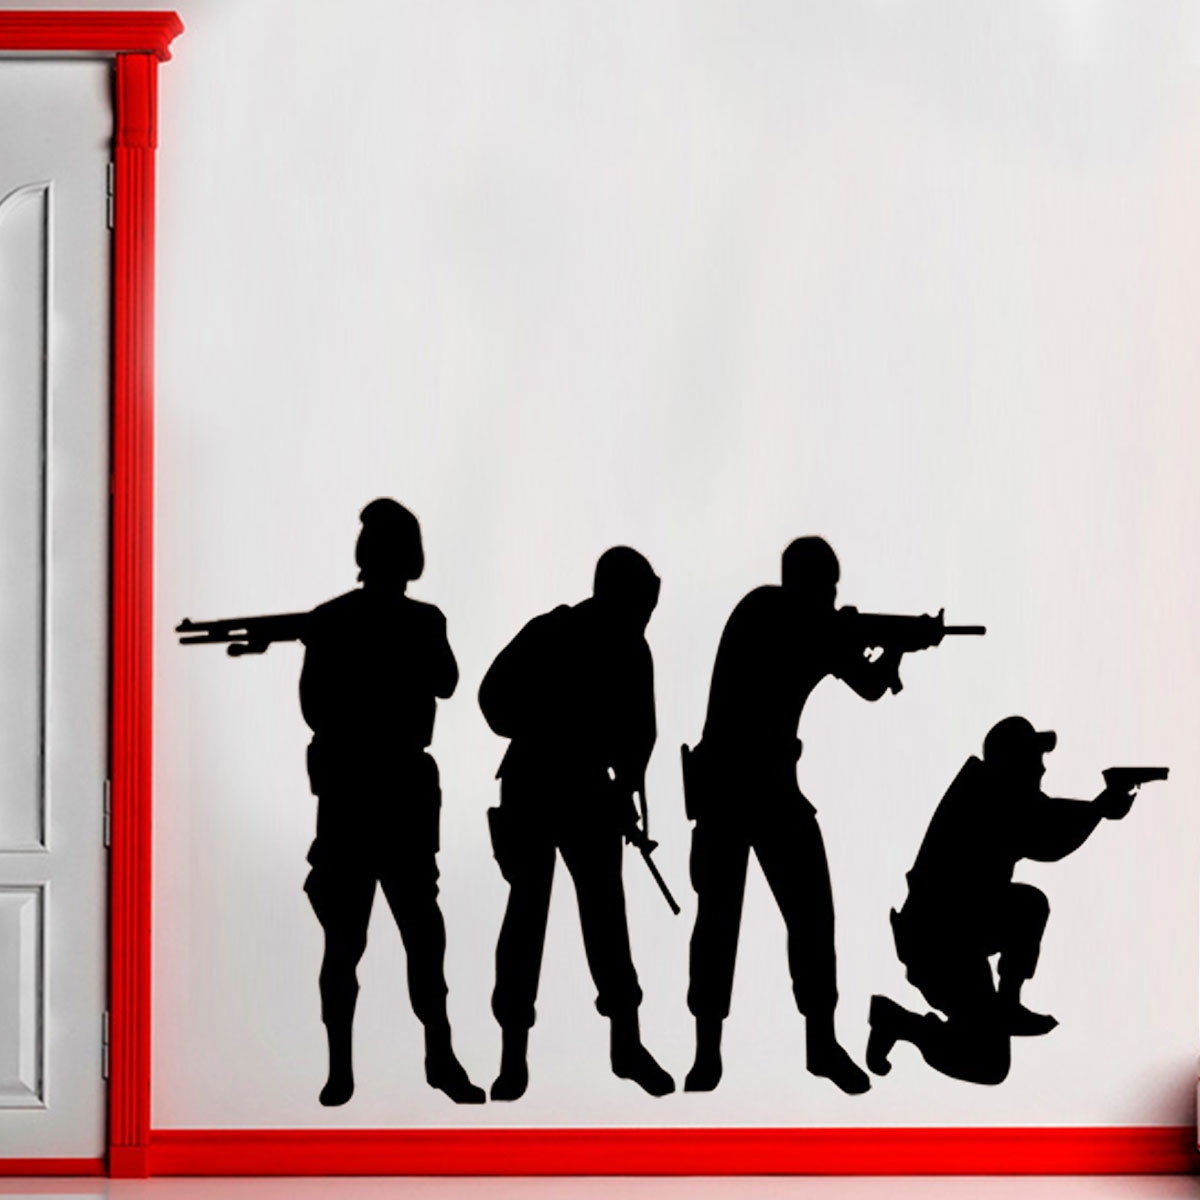 Adesivo De Parede Soldados Counter Strike Eg 95x58cm No Elo7 Fran  -> Fran Adesivos